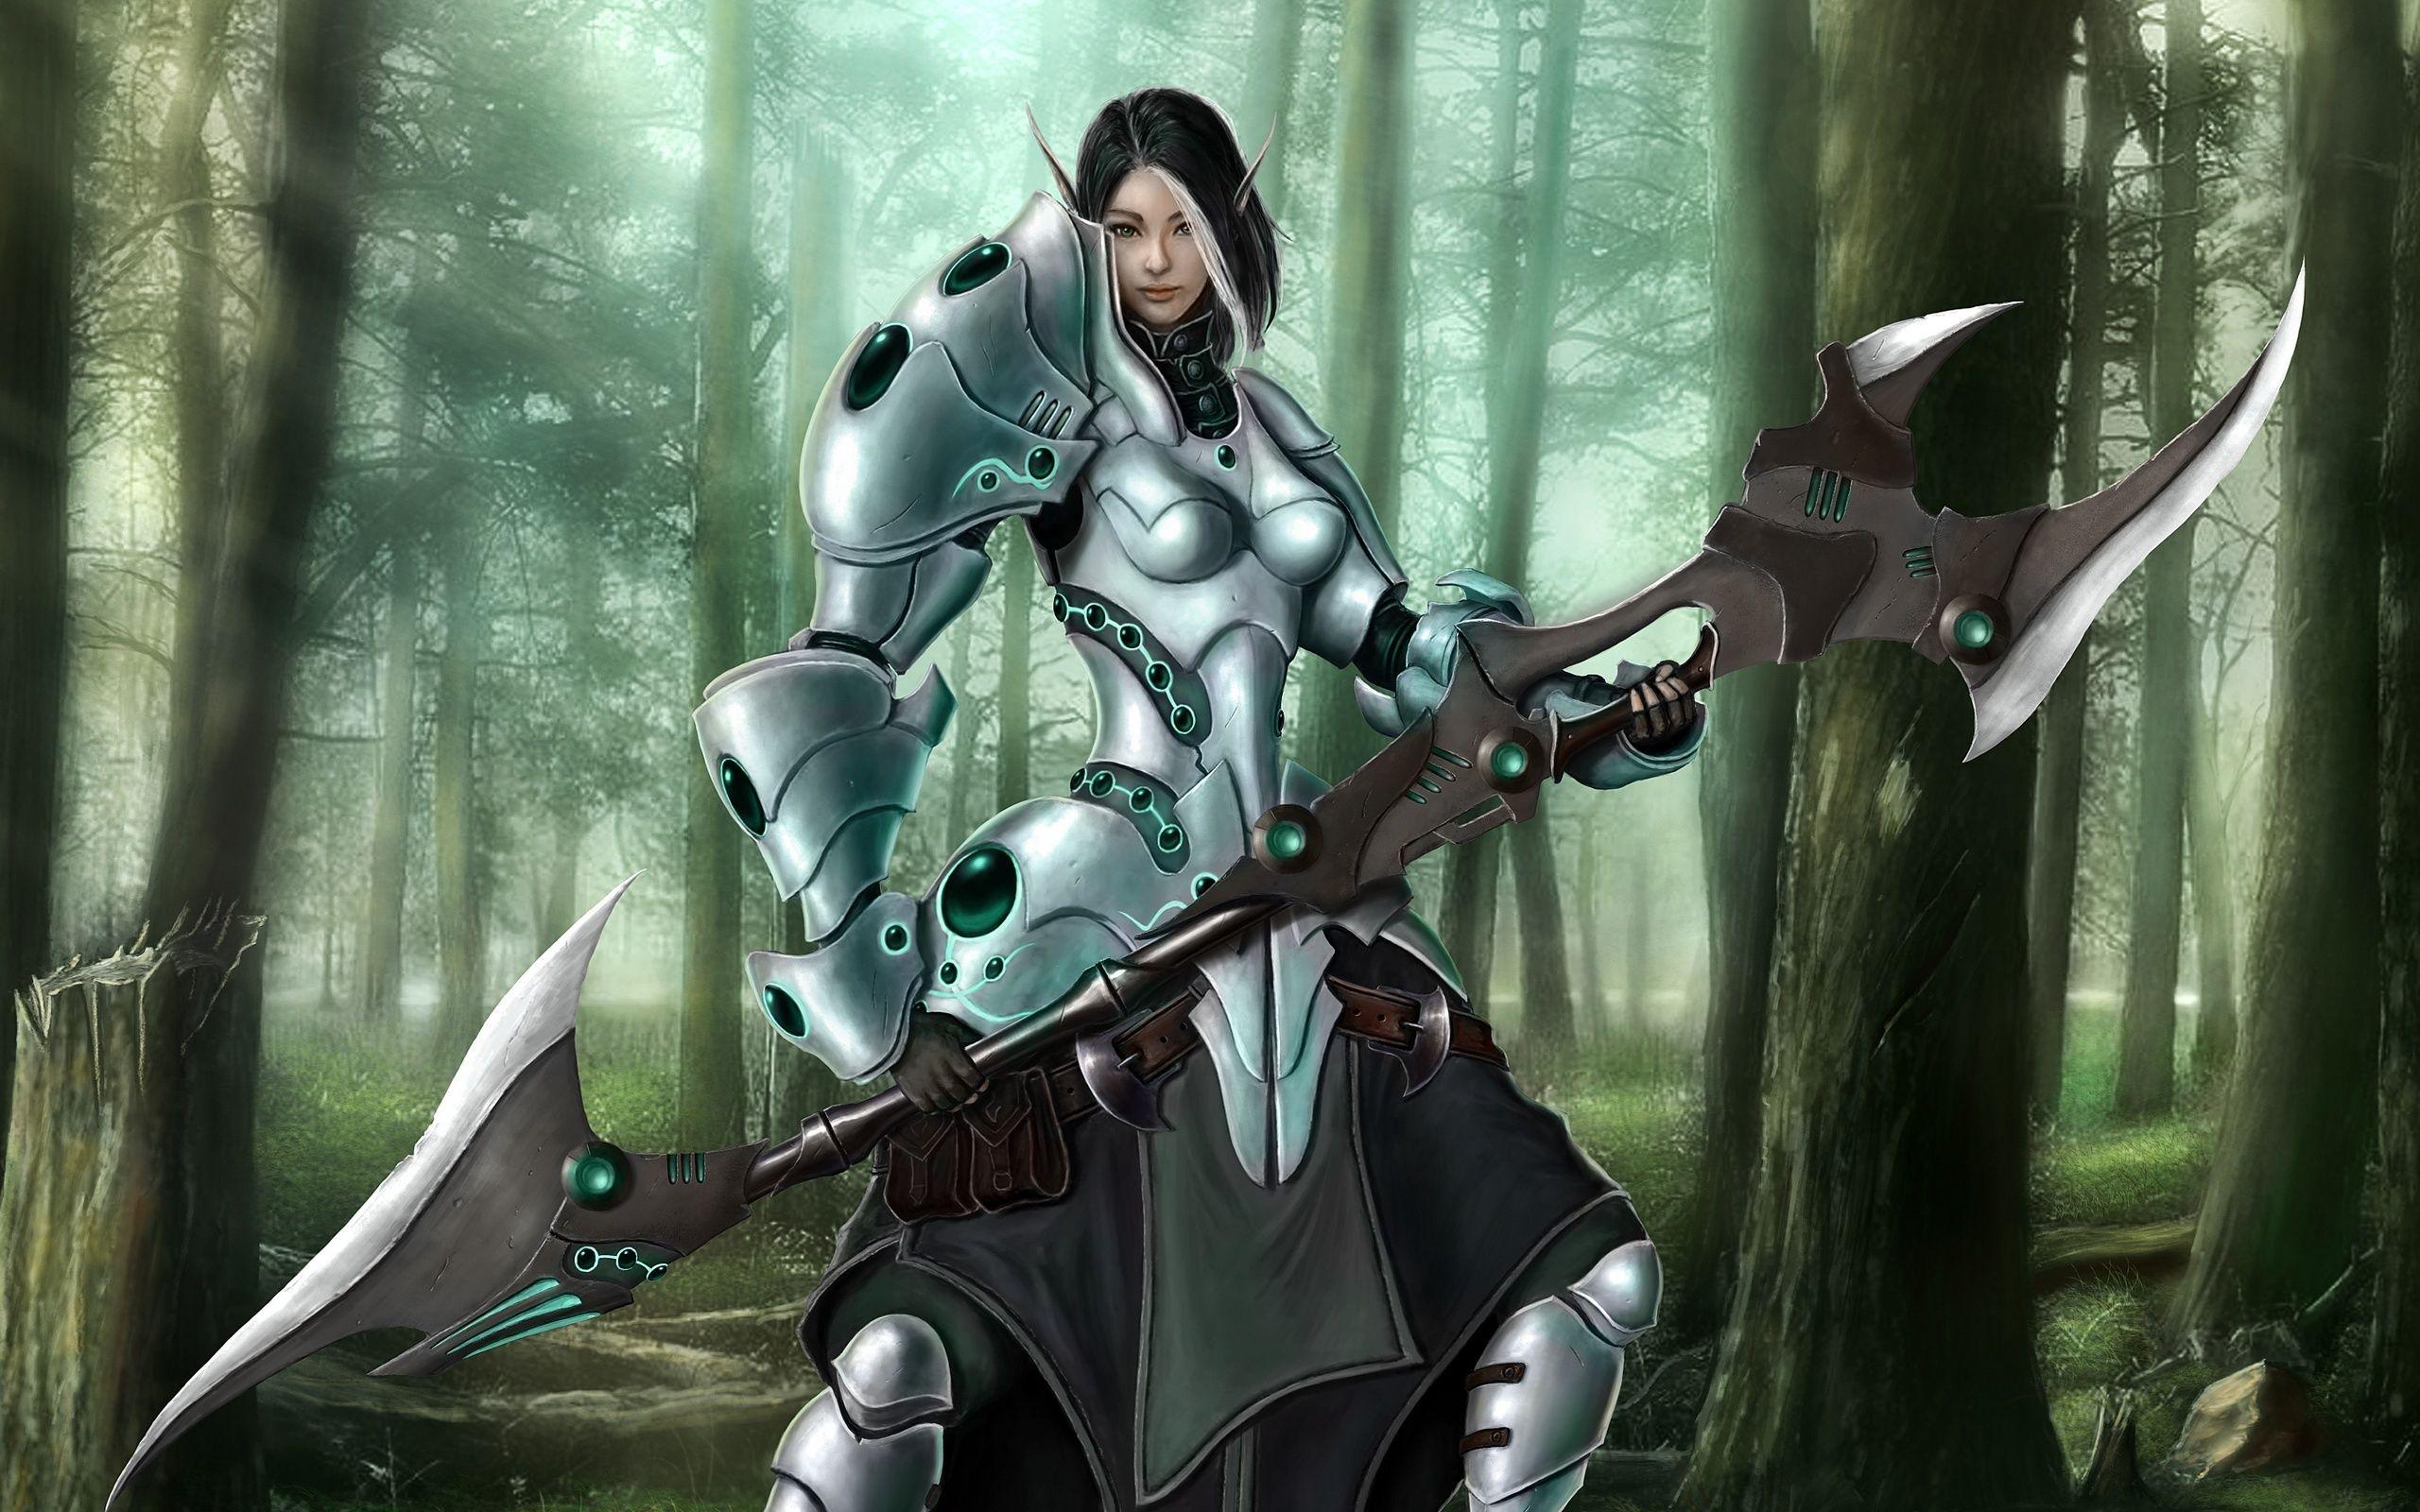 warrior elf desktop wallpapers - photo #8